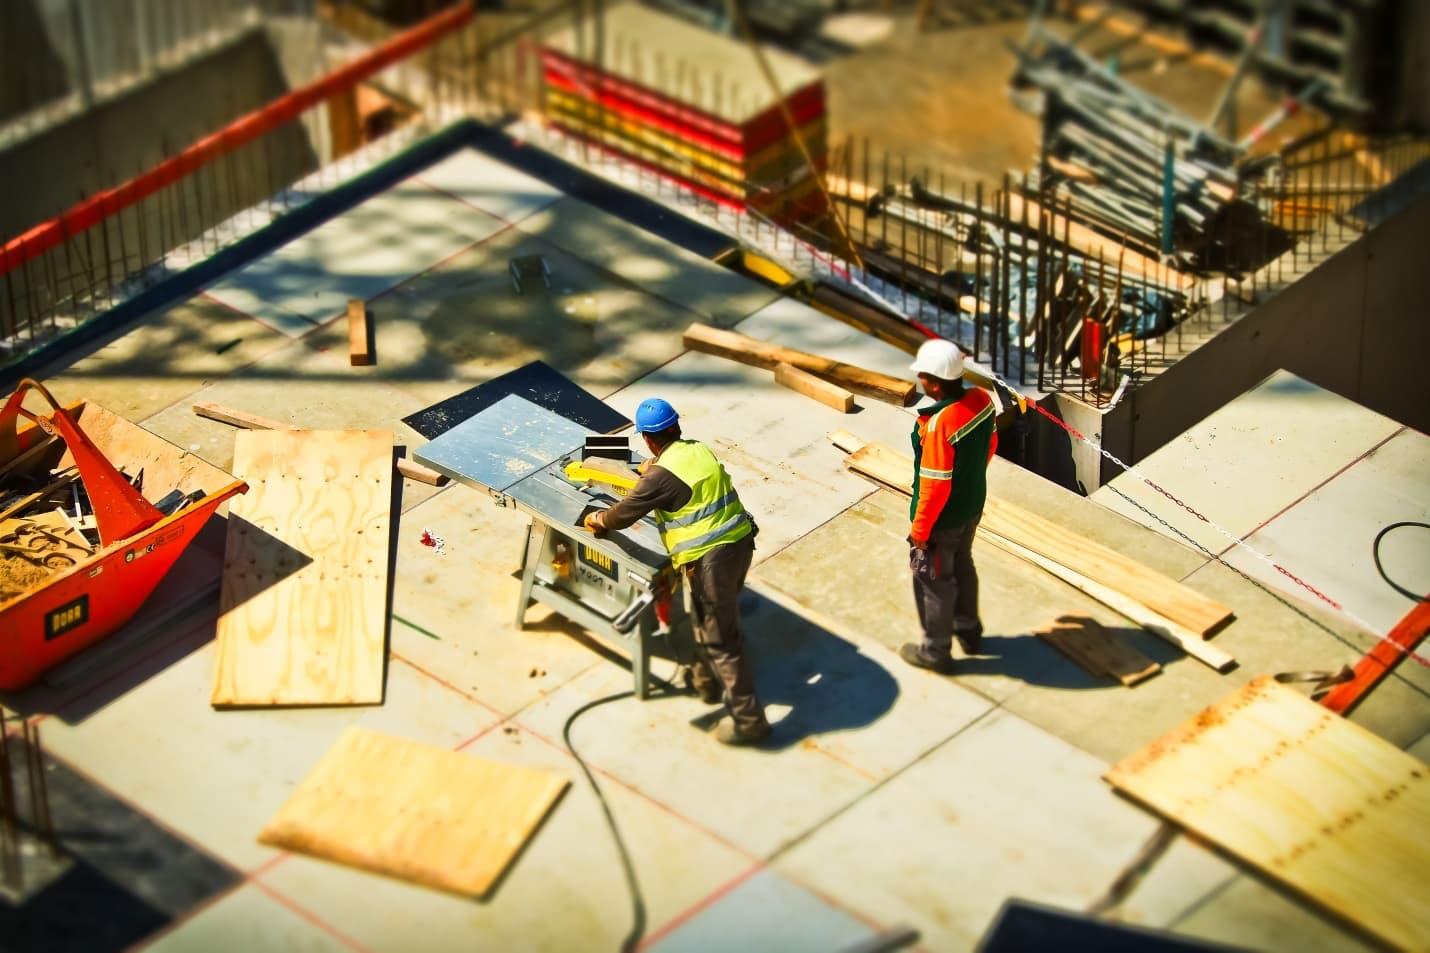 Hjemmeside til dit byggefirma? Derfor er det vigtigt